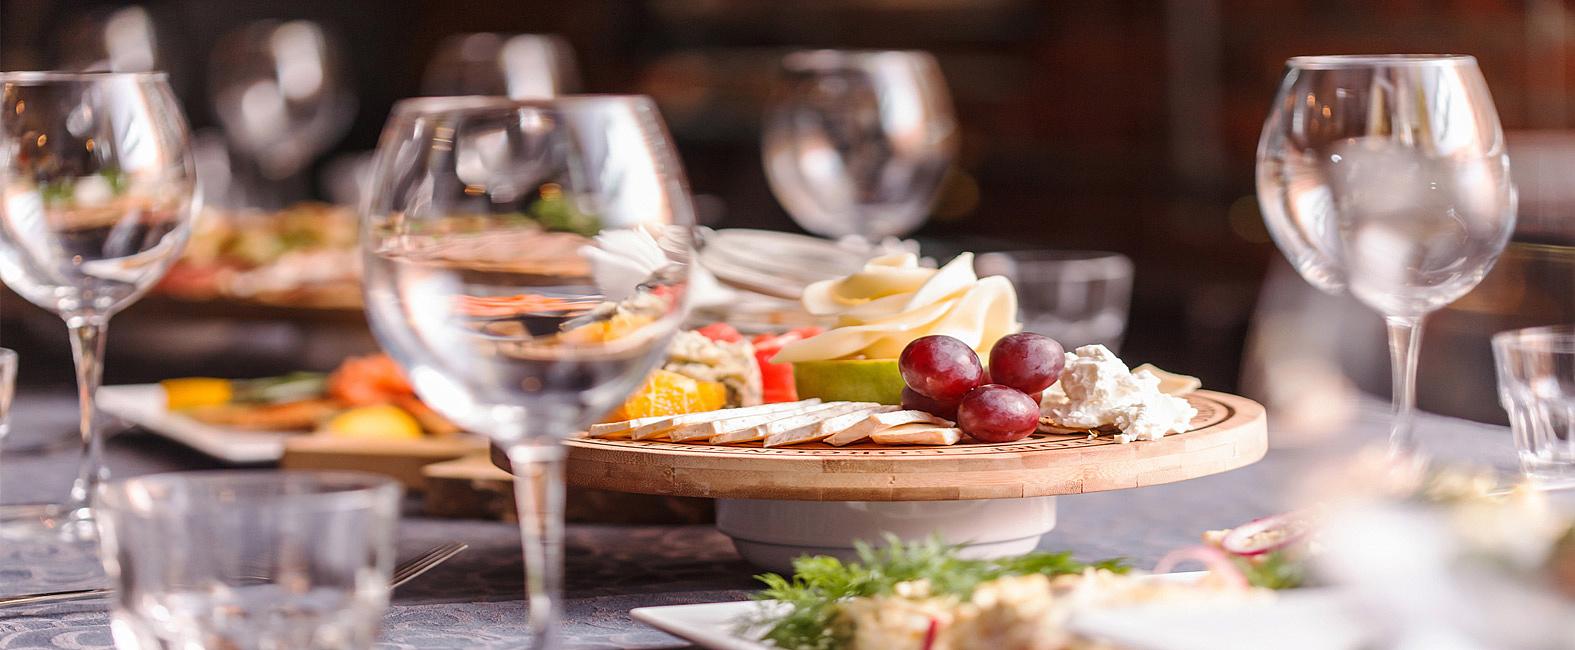 Gastronomie Immobilien